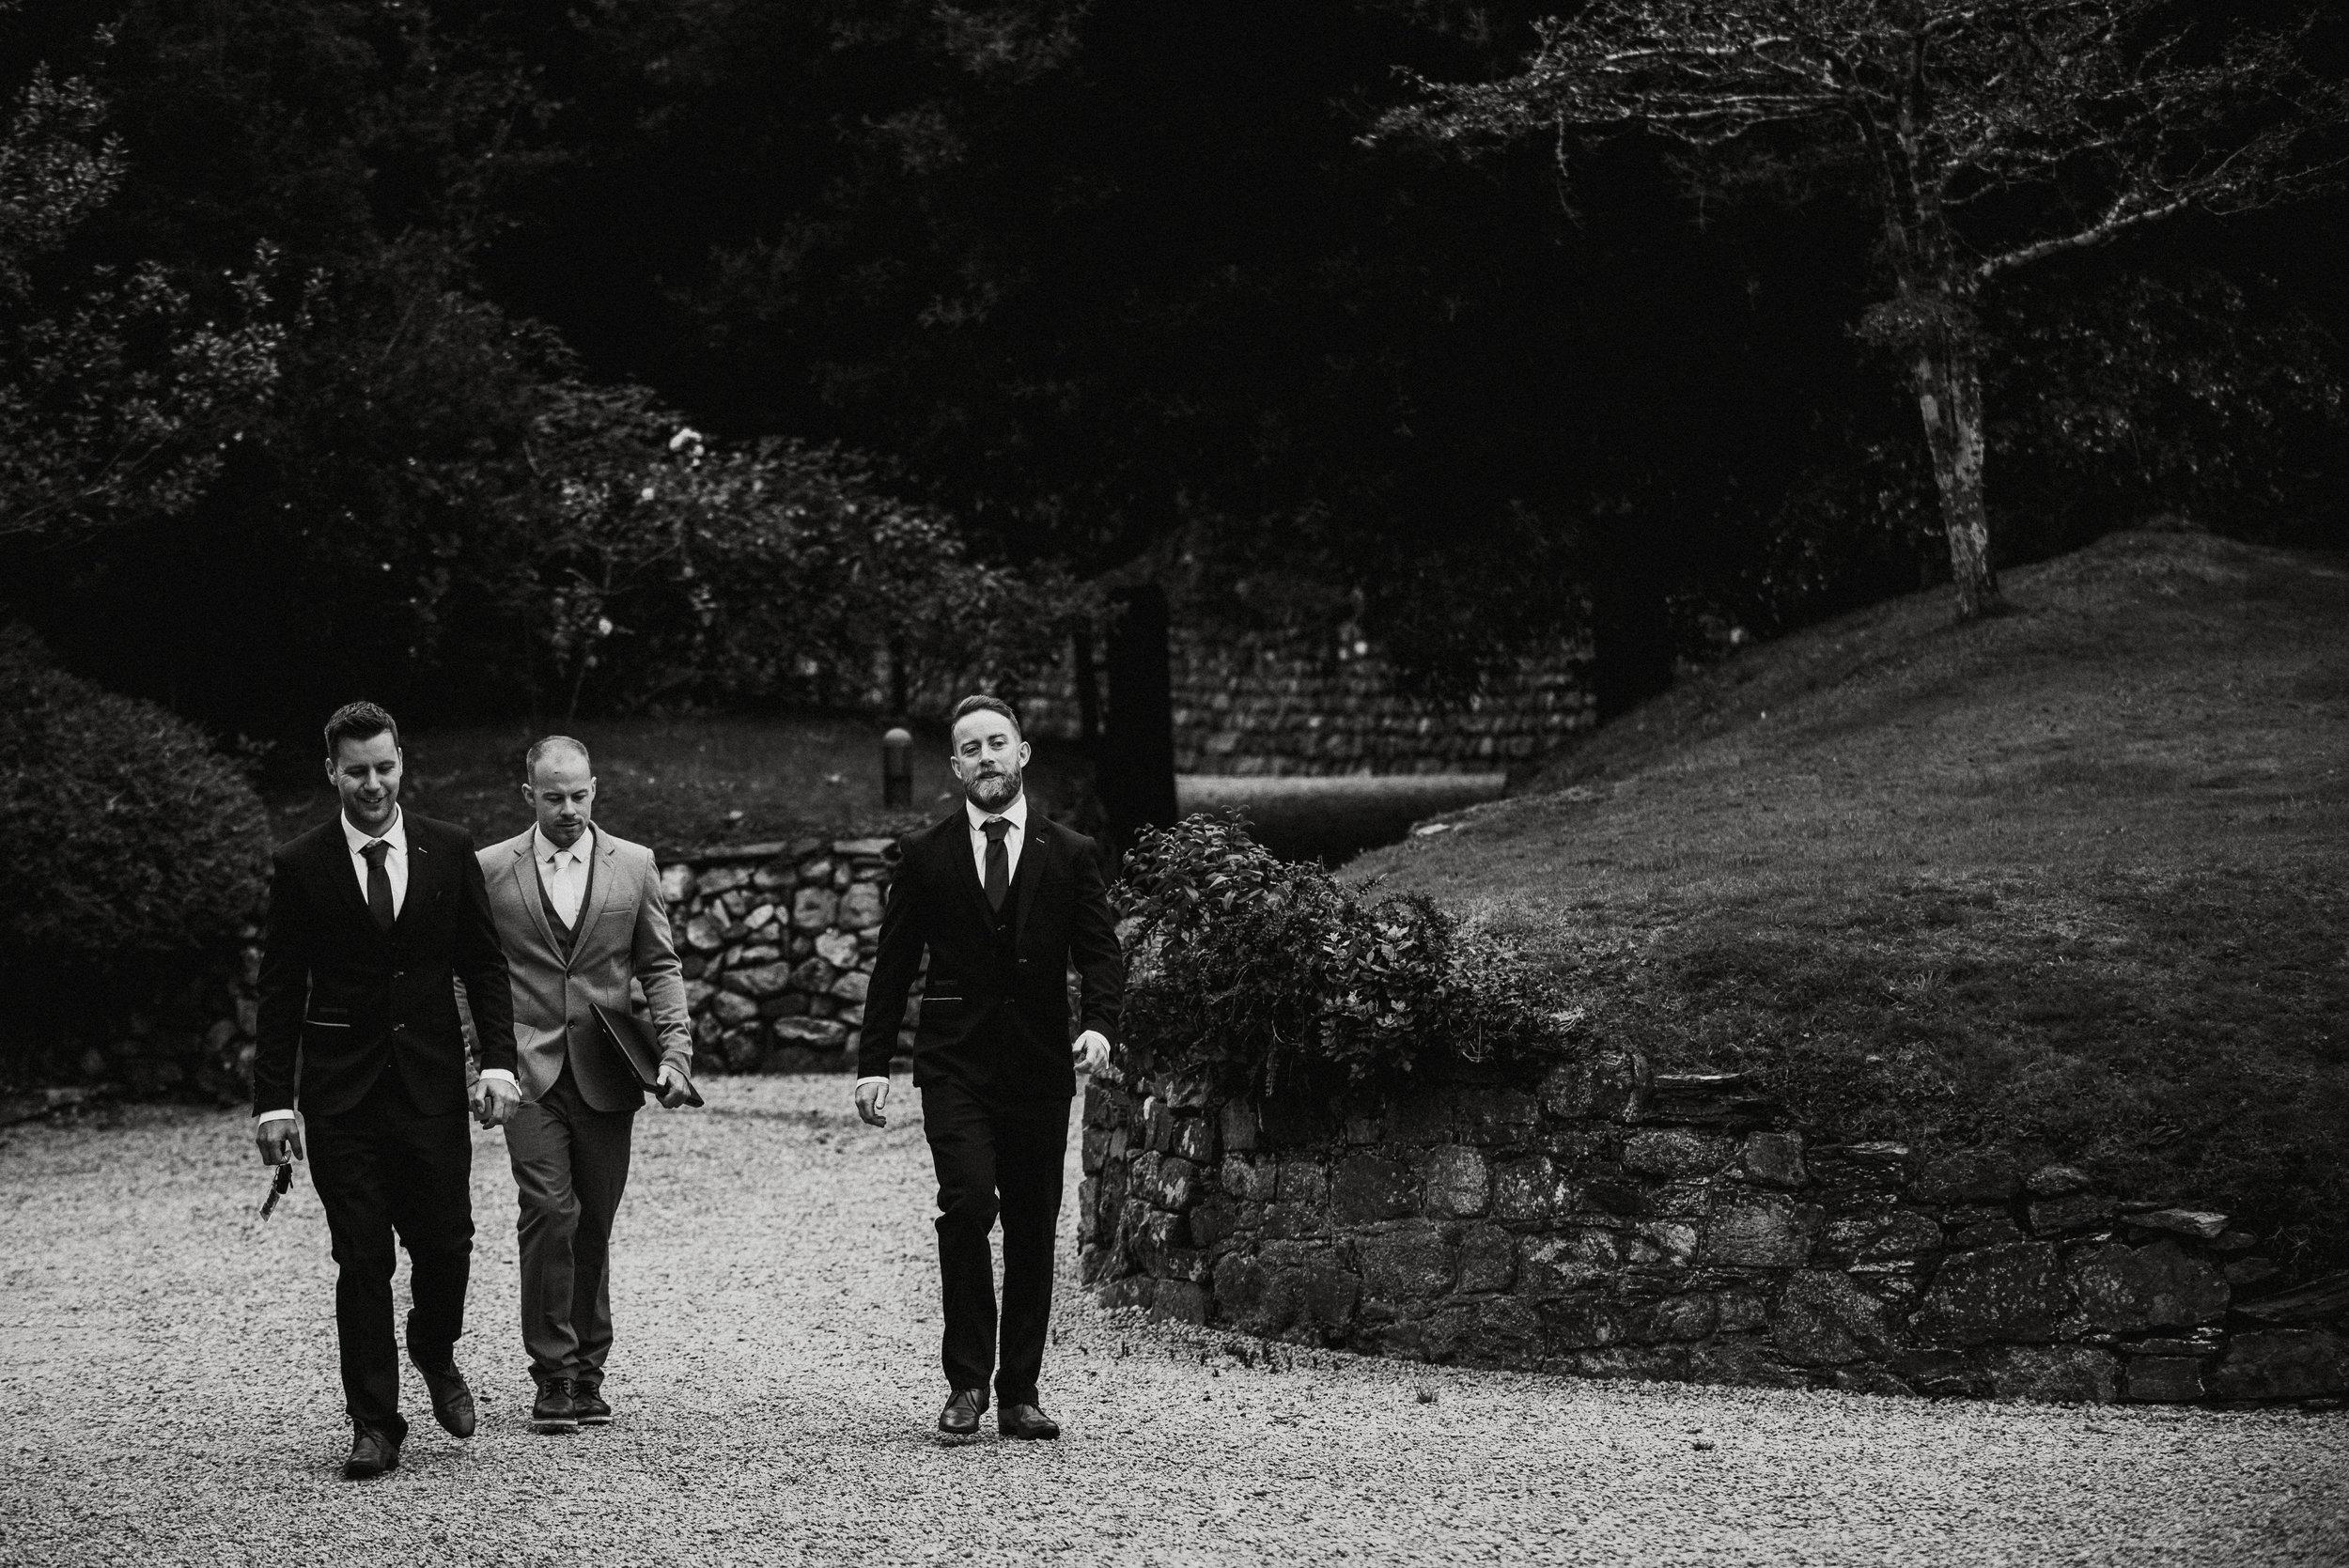 scorrier-house-wedding-photographer-13.jpg